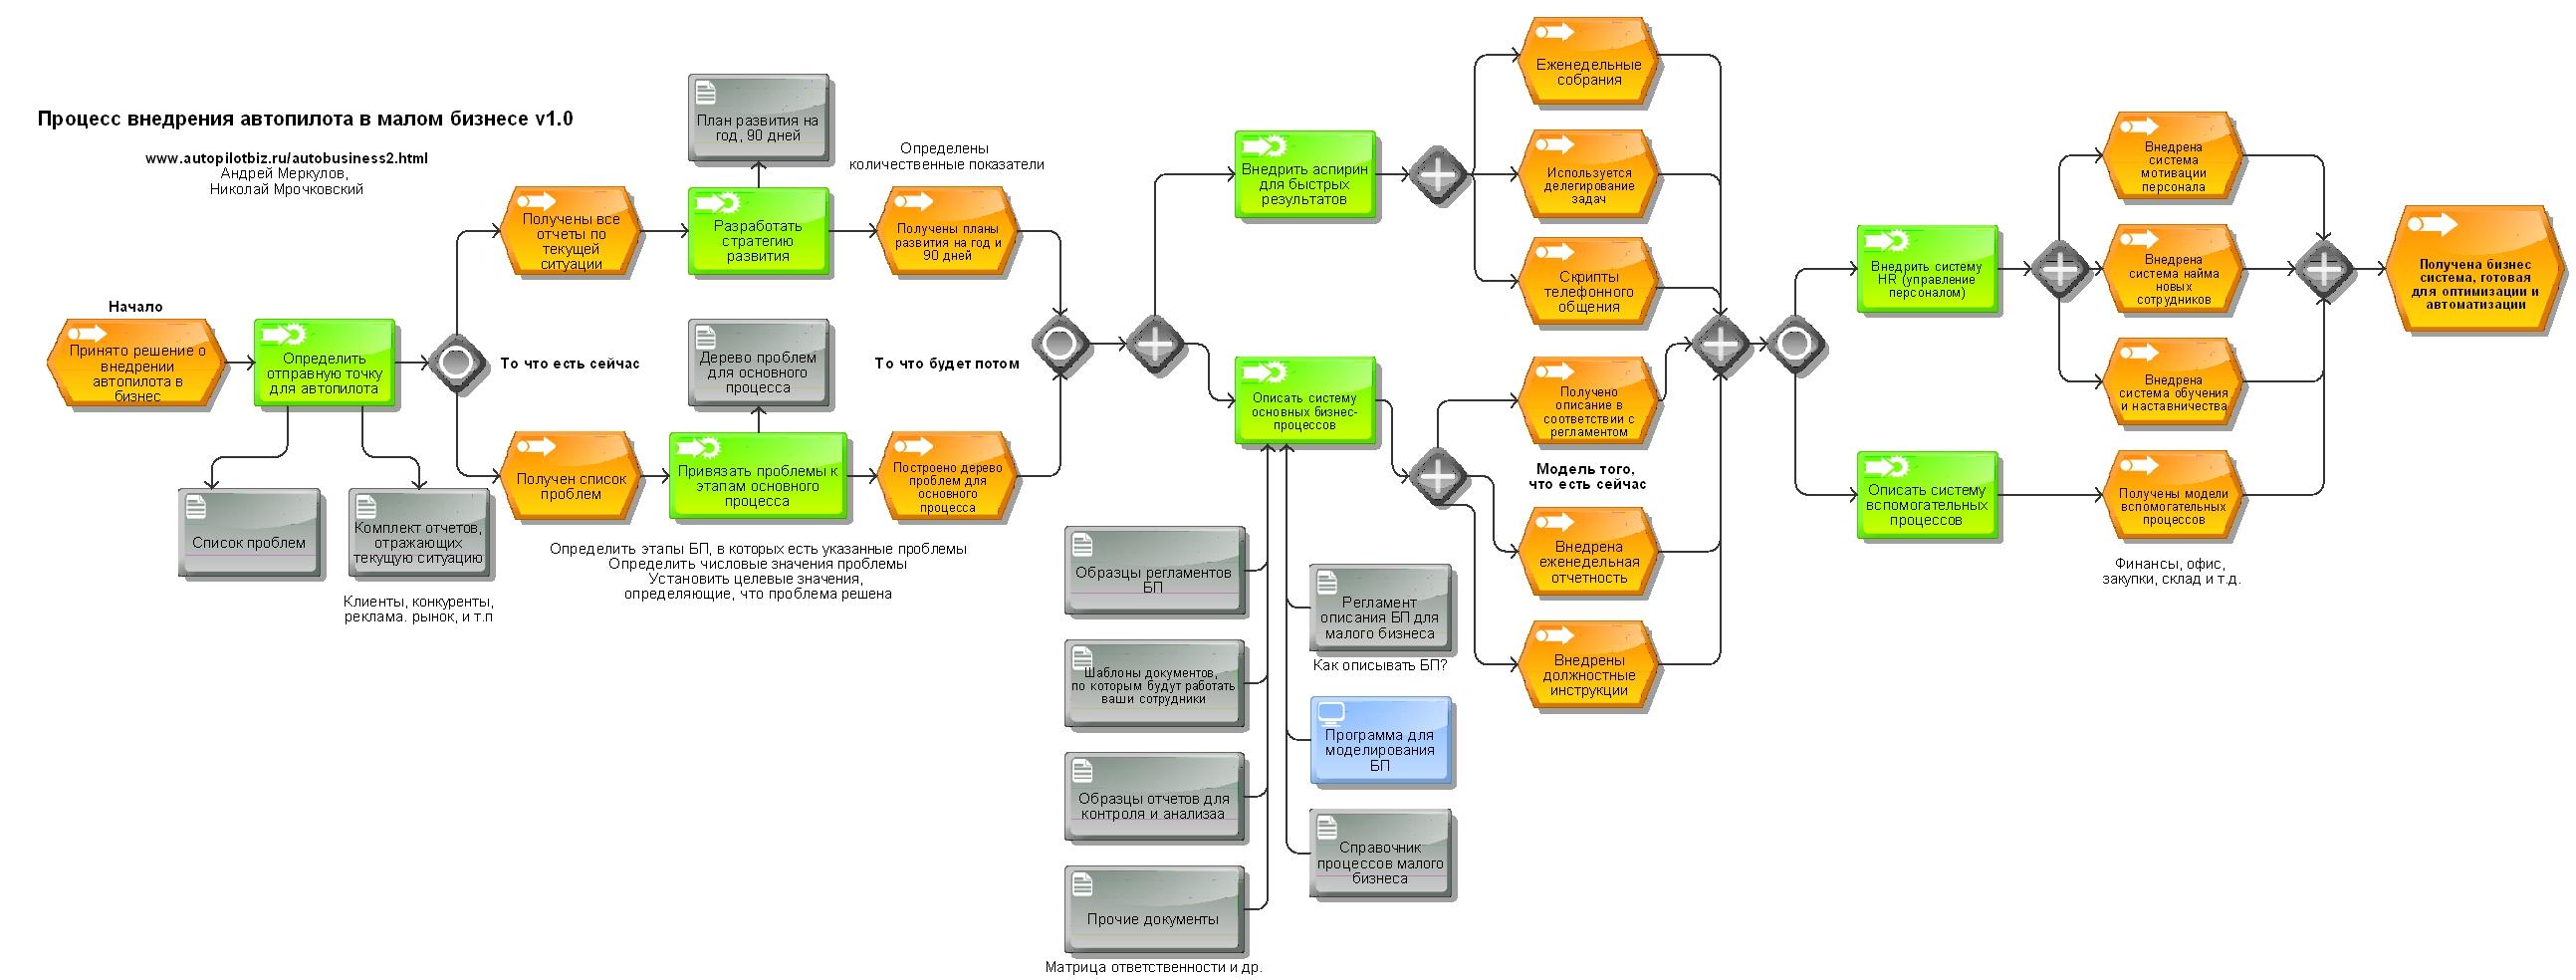 Бизнес план крематорий образец структура внутрифирменного бизнес плана